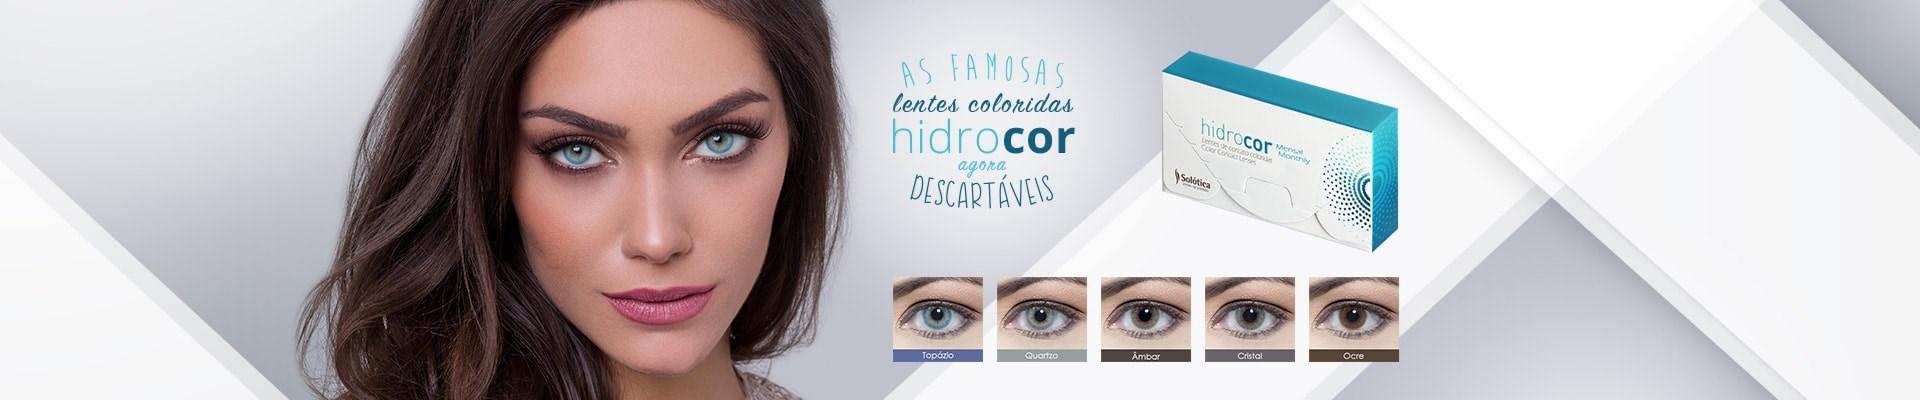 AS FAMOSAS LENTES COLORIDAS HIDROCOR , AGORA DESCARTÁVEIS !!!